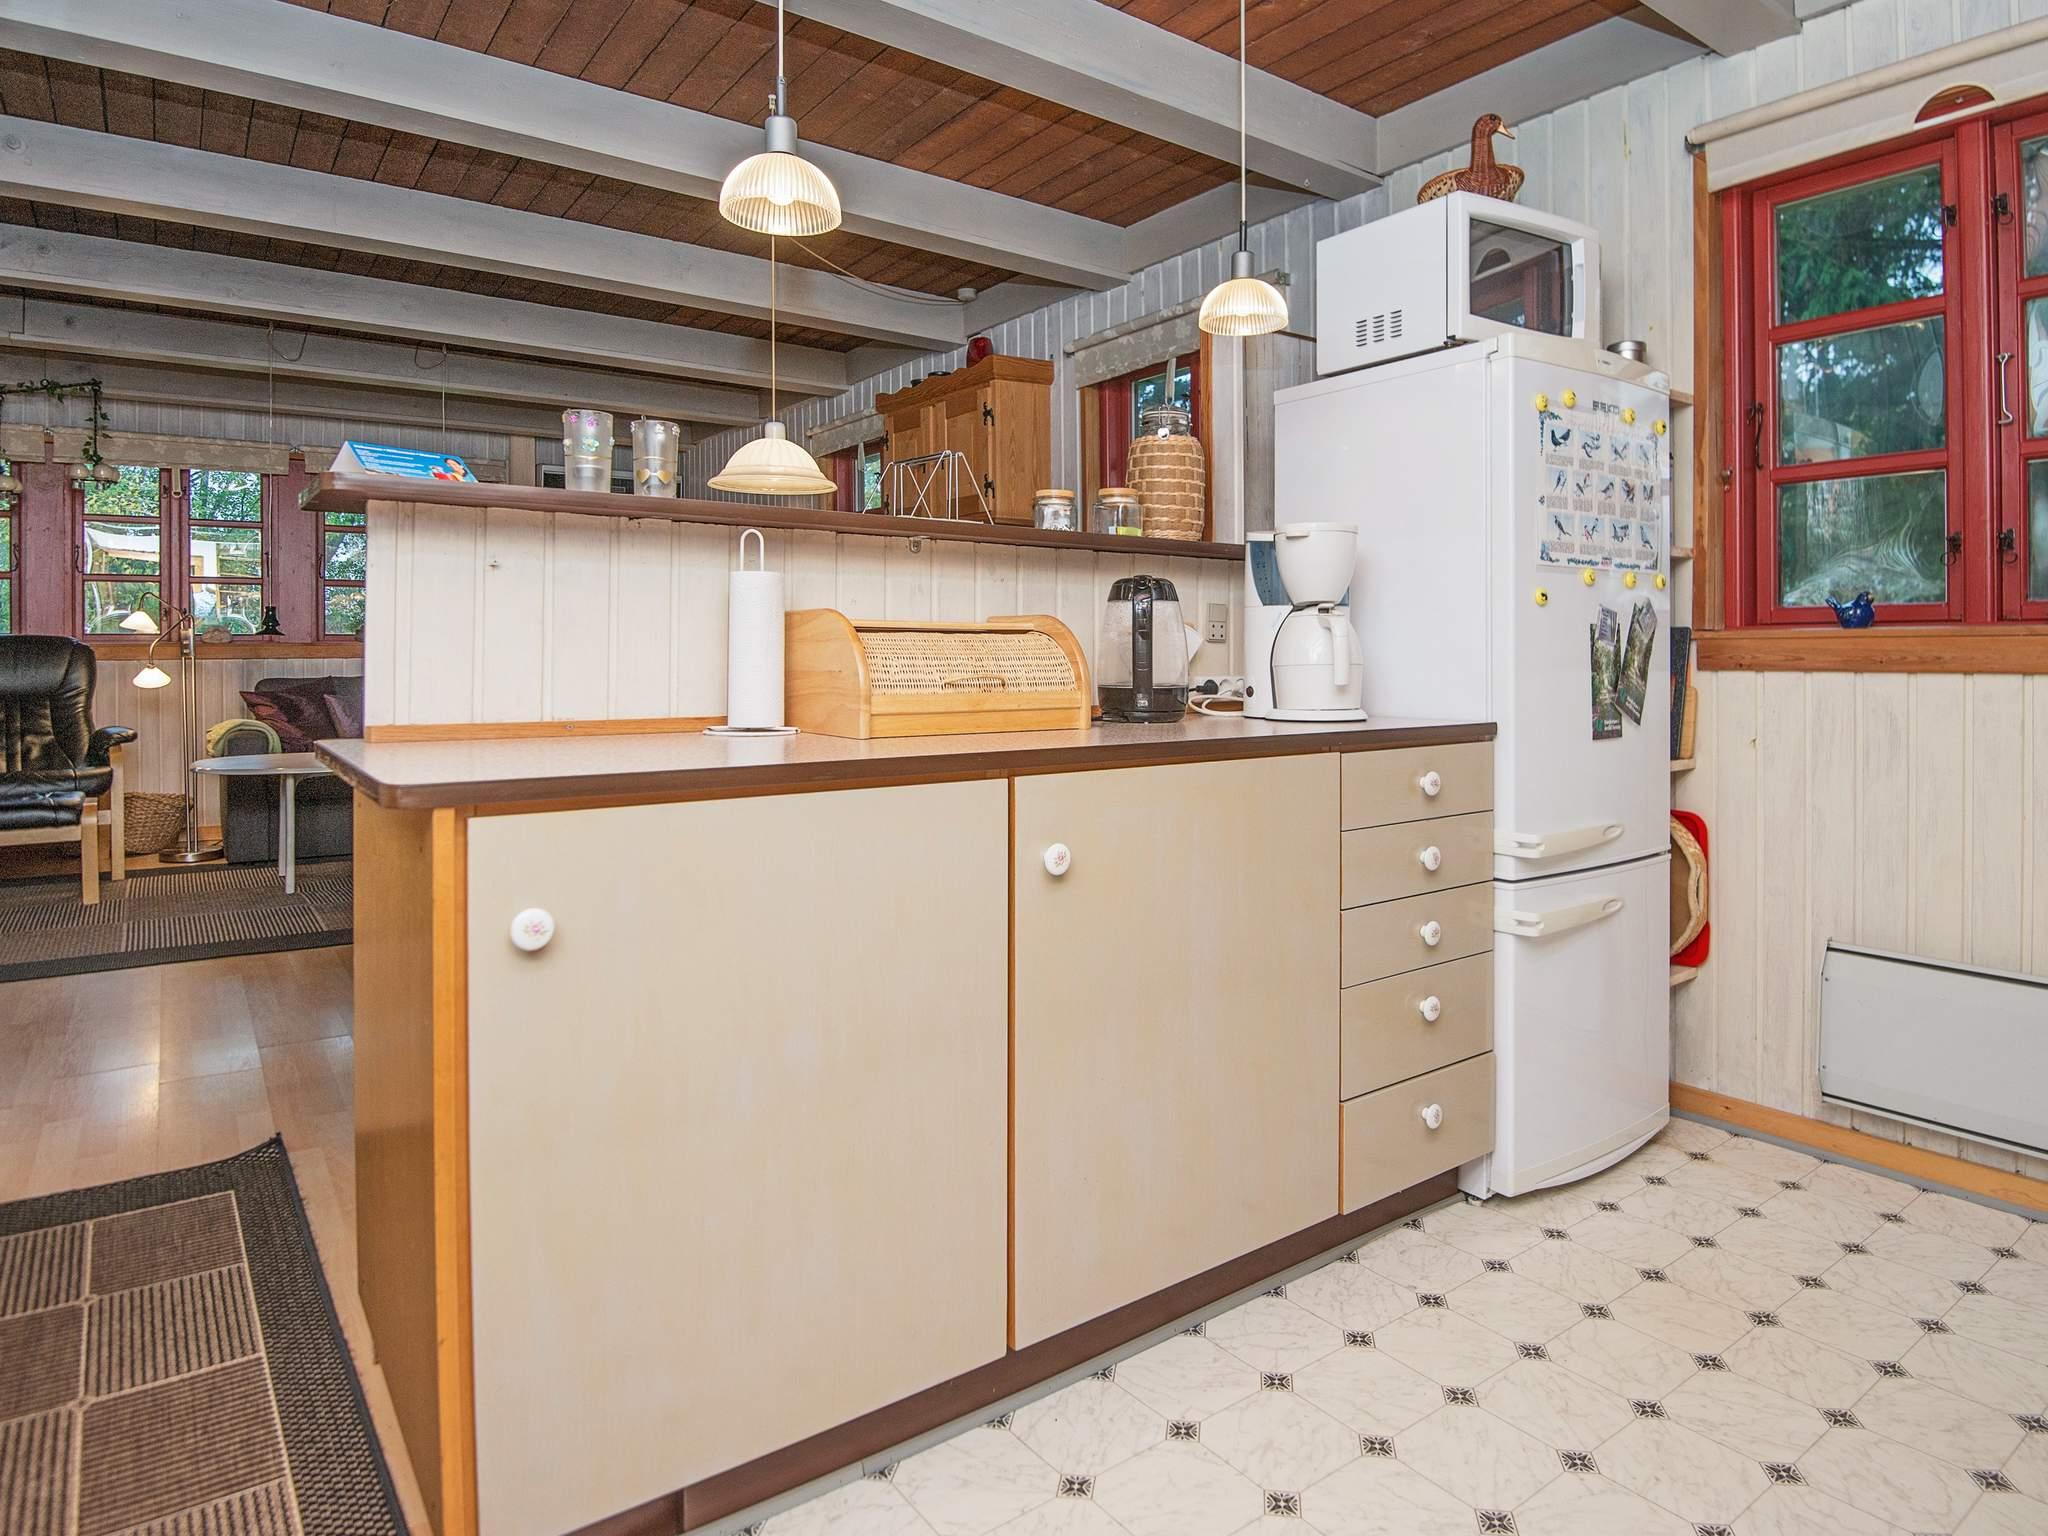 Ferienhaus Arrild (306971), Arrild, , Südjütland, Dänemark, Bild 6